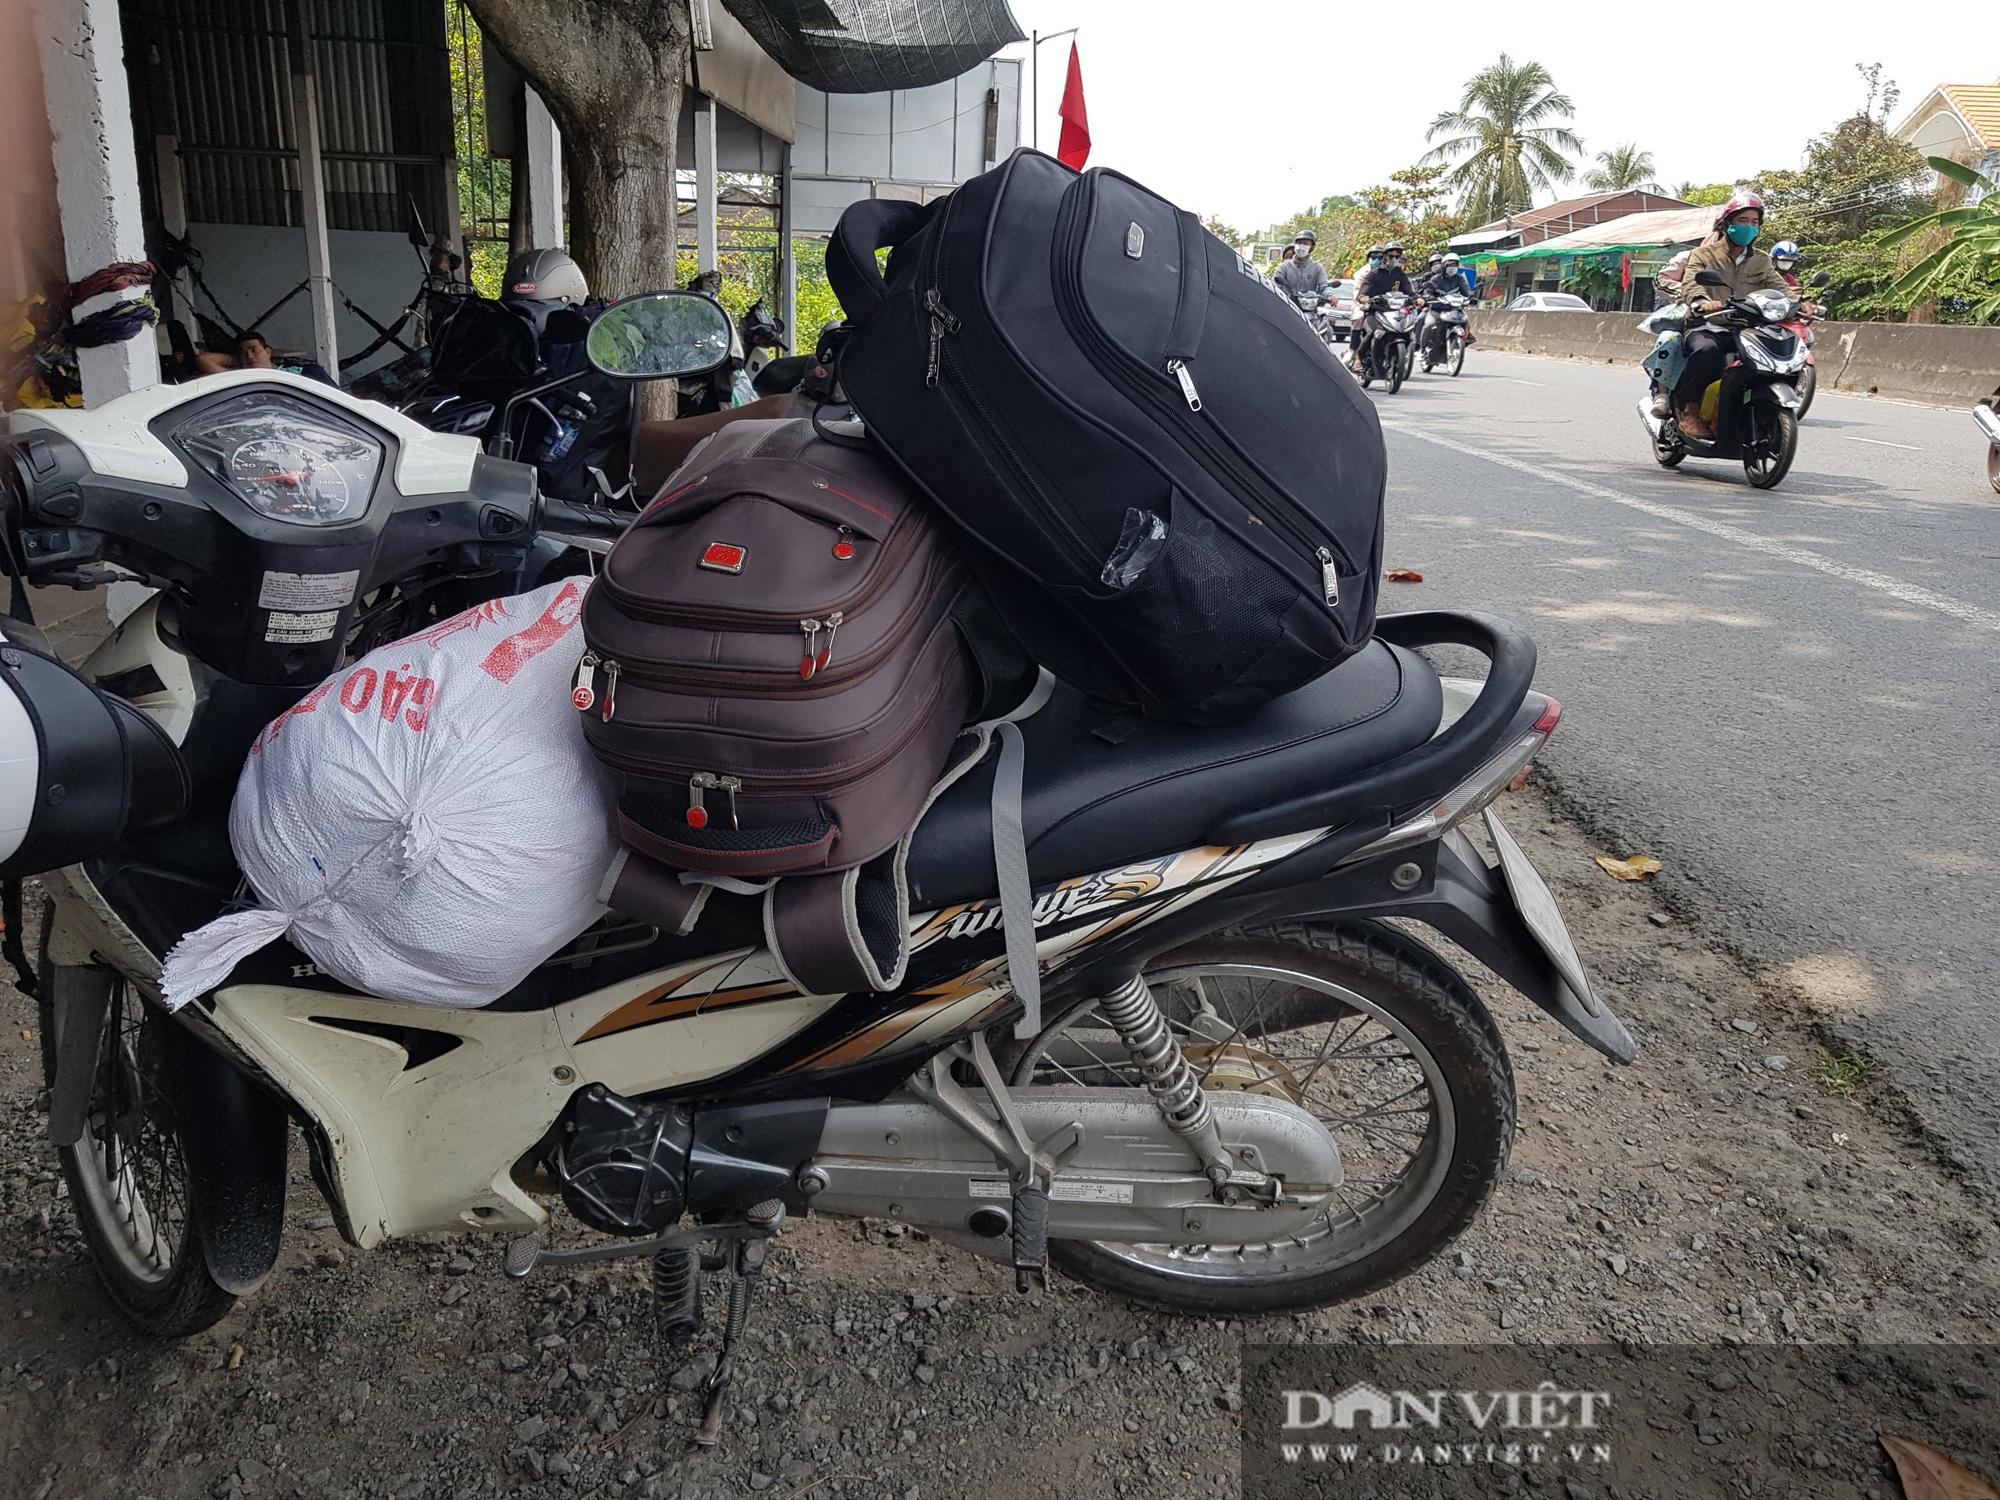 Người dân miền Tây về TP.HCM ngày mùng 5 Tết: Di chuyển dễ dàng - Ảnh 7.